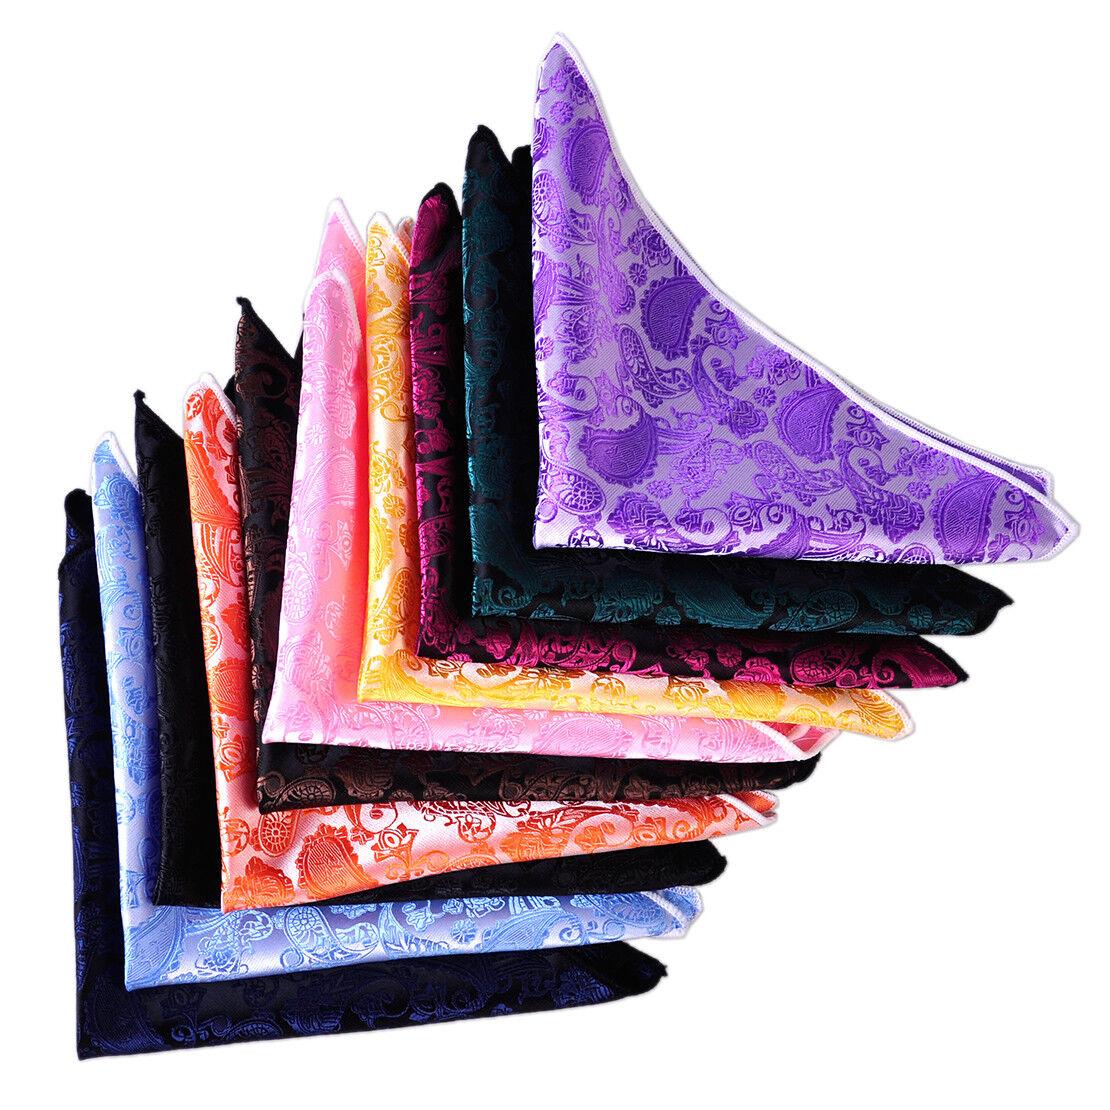 10 stk Herren Klassisch Krawatte Seide Paisley Mit Taschentuch Einstecktuch Set